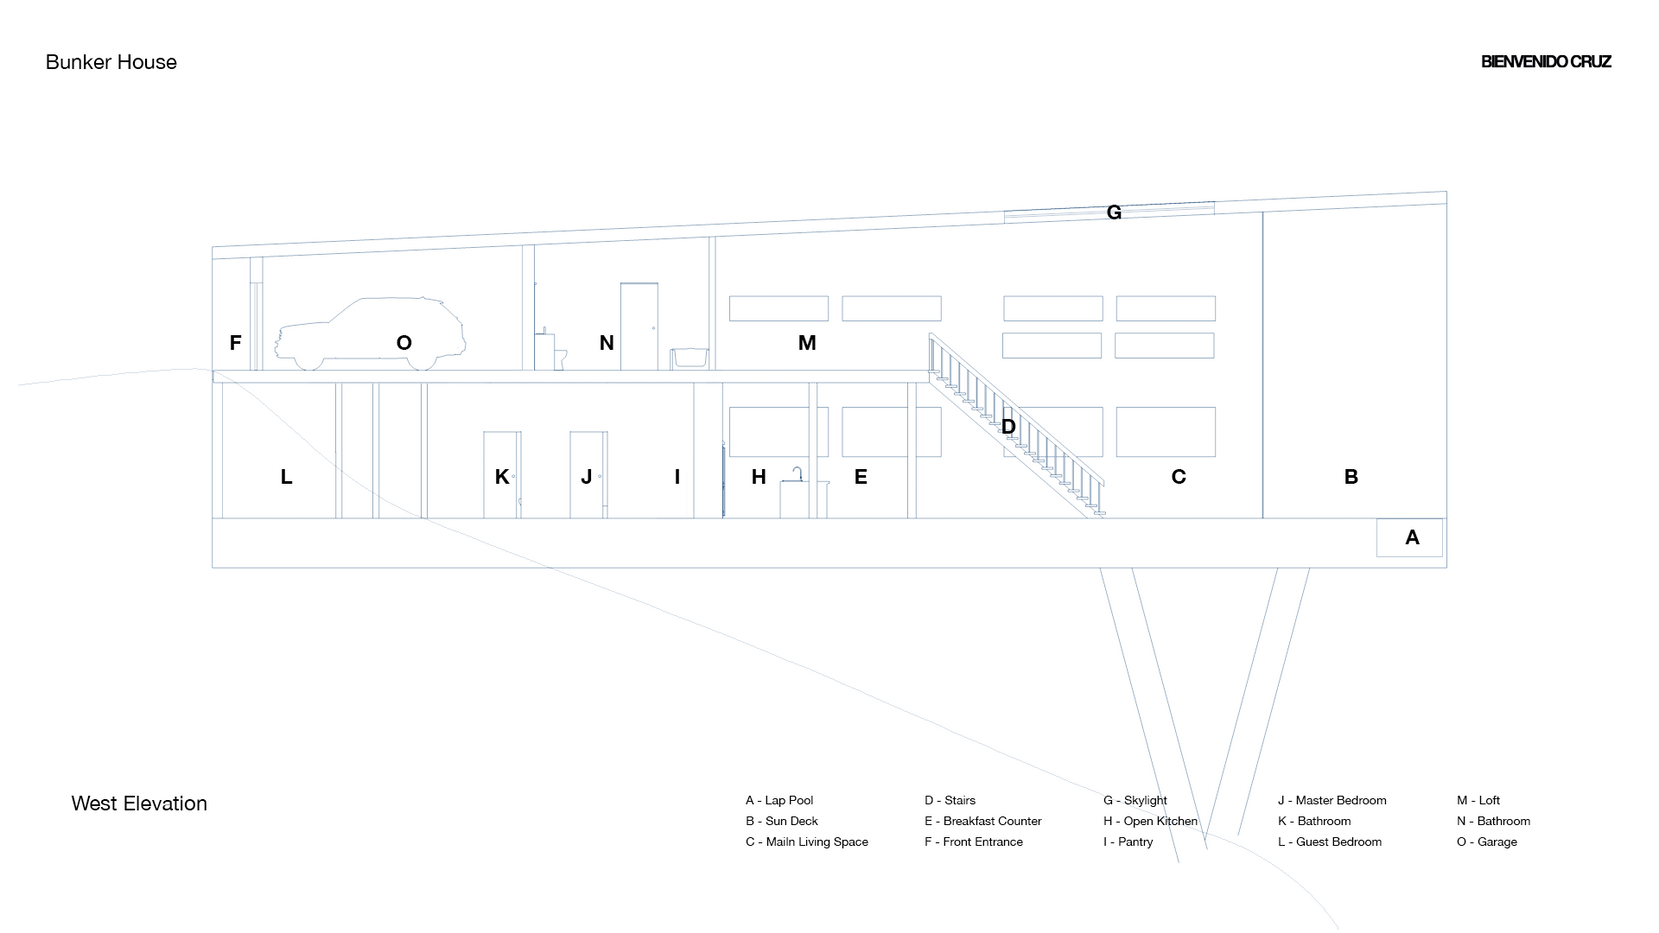 floorplans_el_west.png